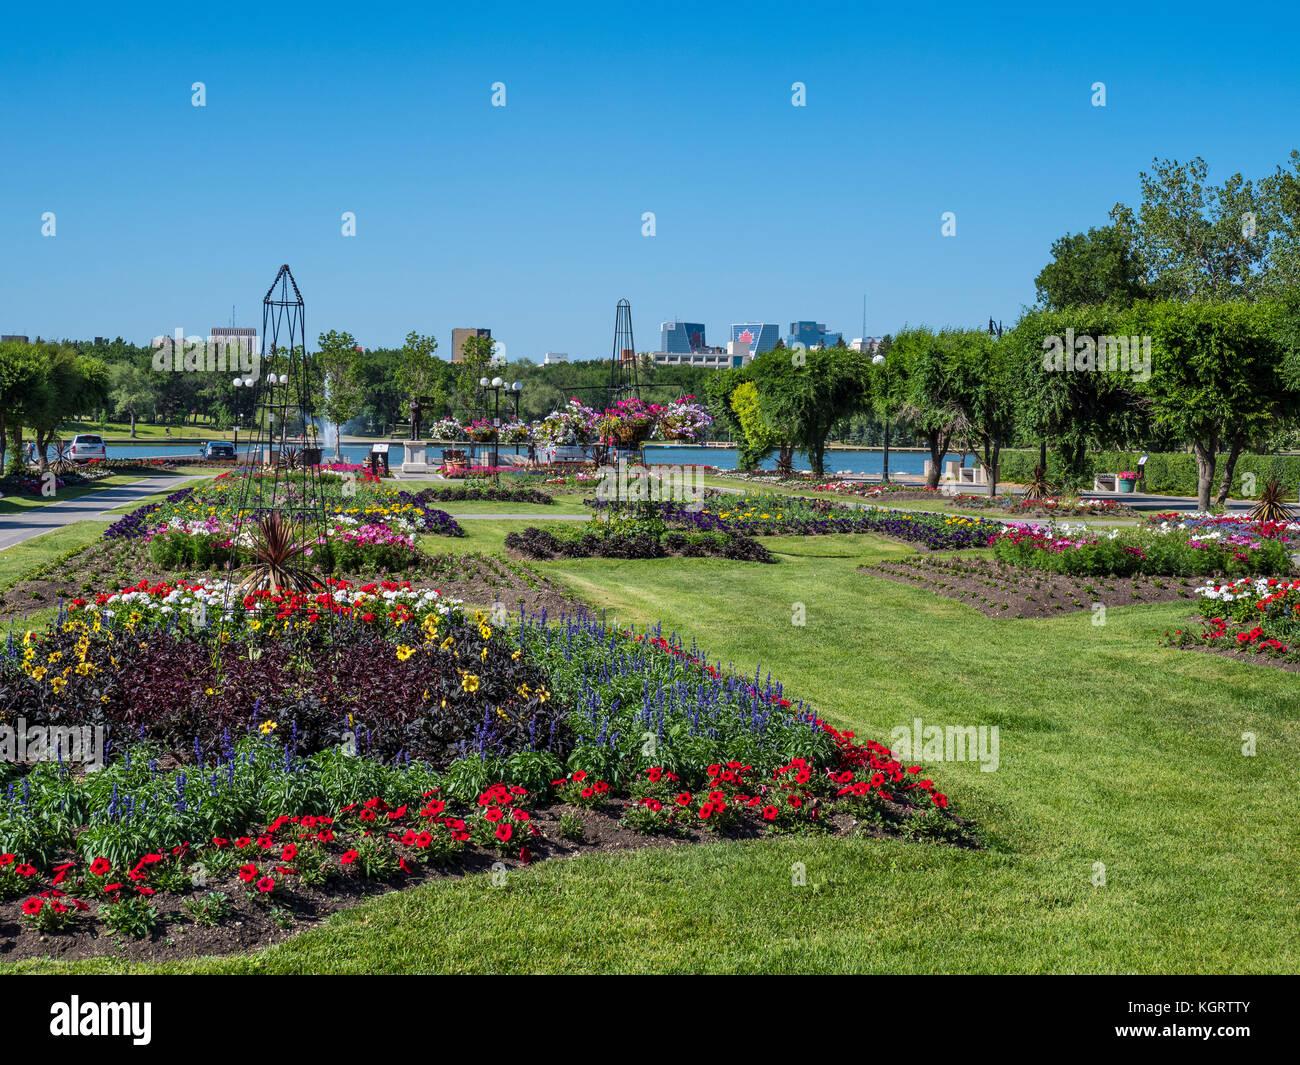 Queen Elizabeth II Gardens, Wascana Centre, Regina, Saskatchewan, Canada. - Stock Image